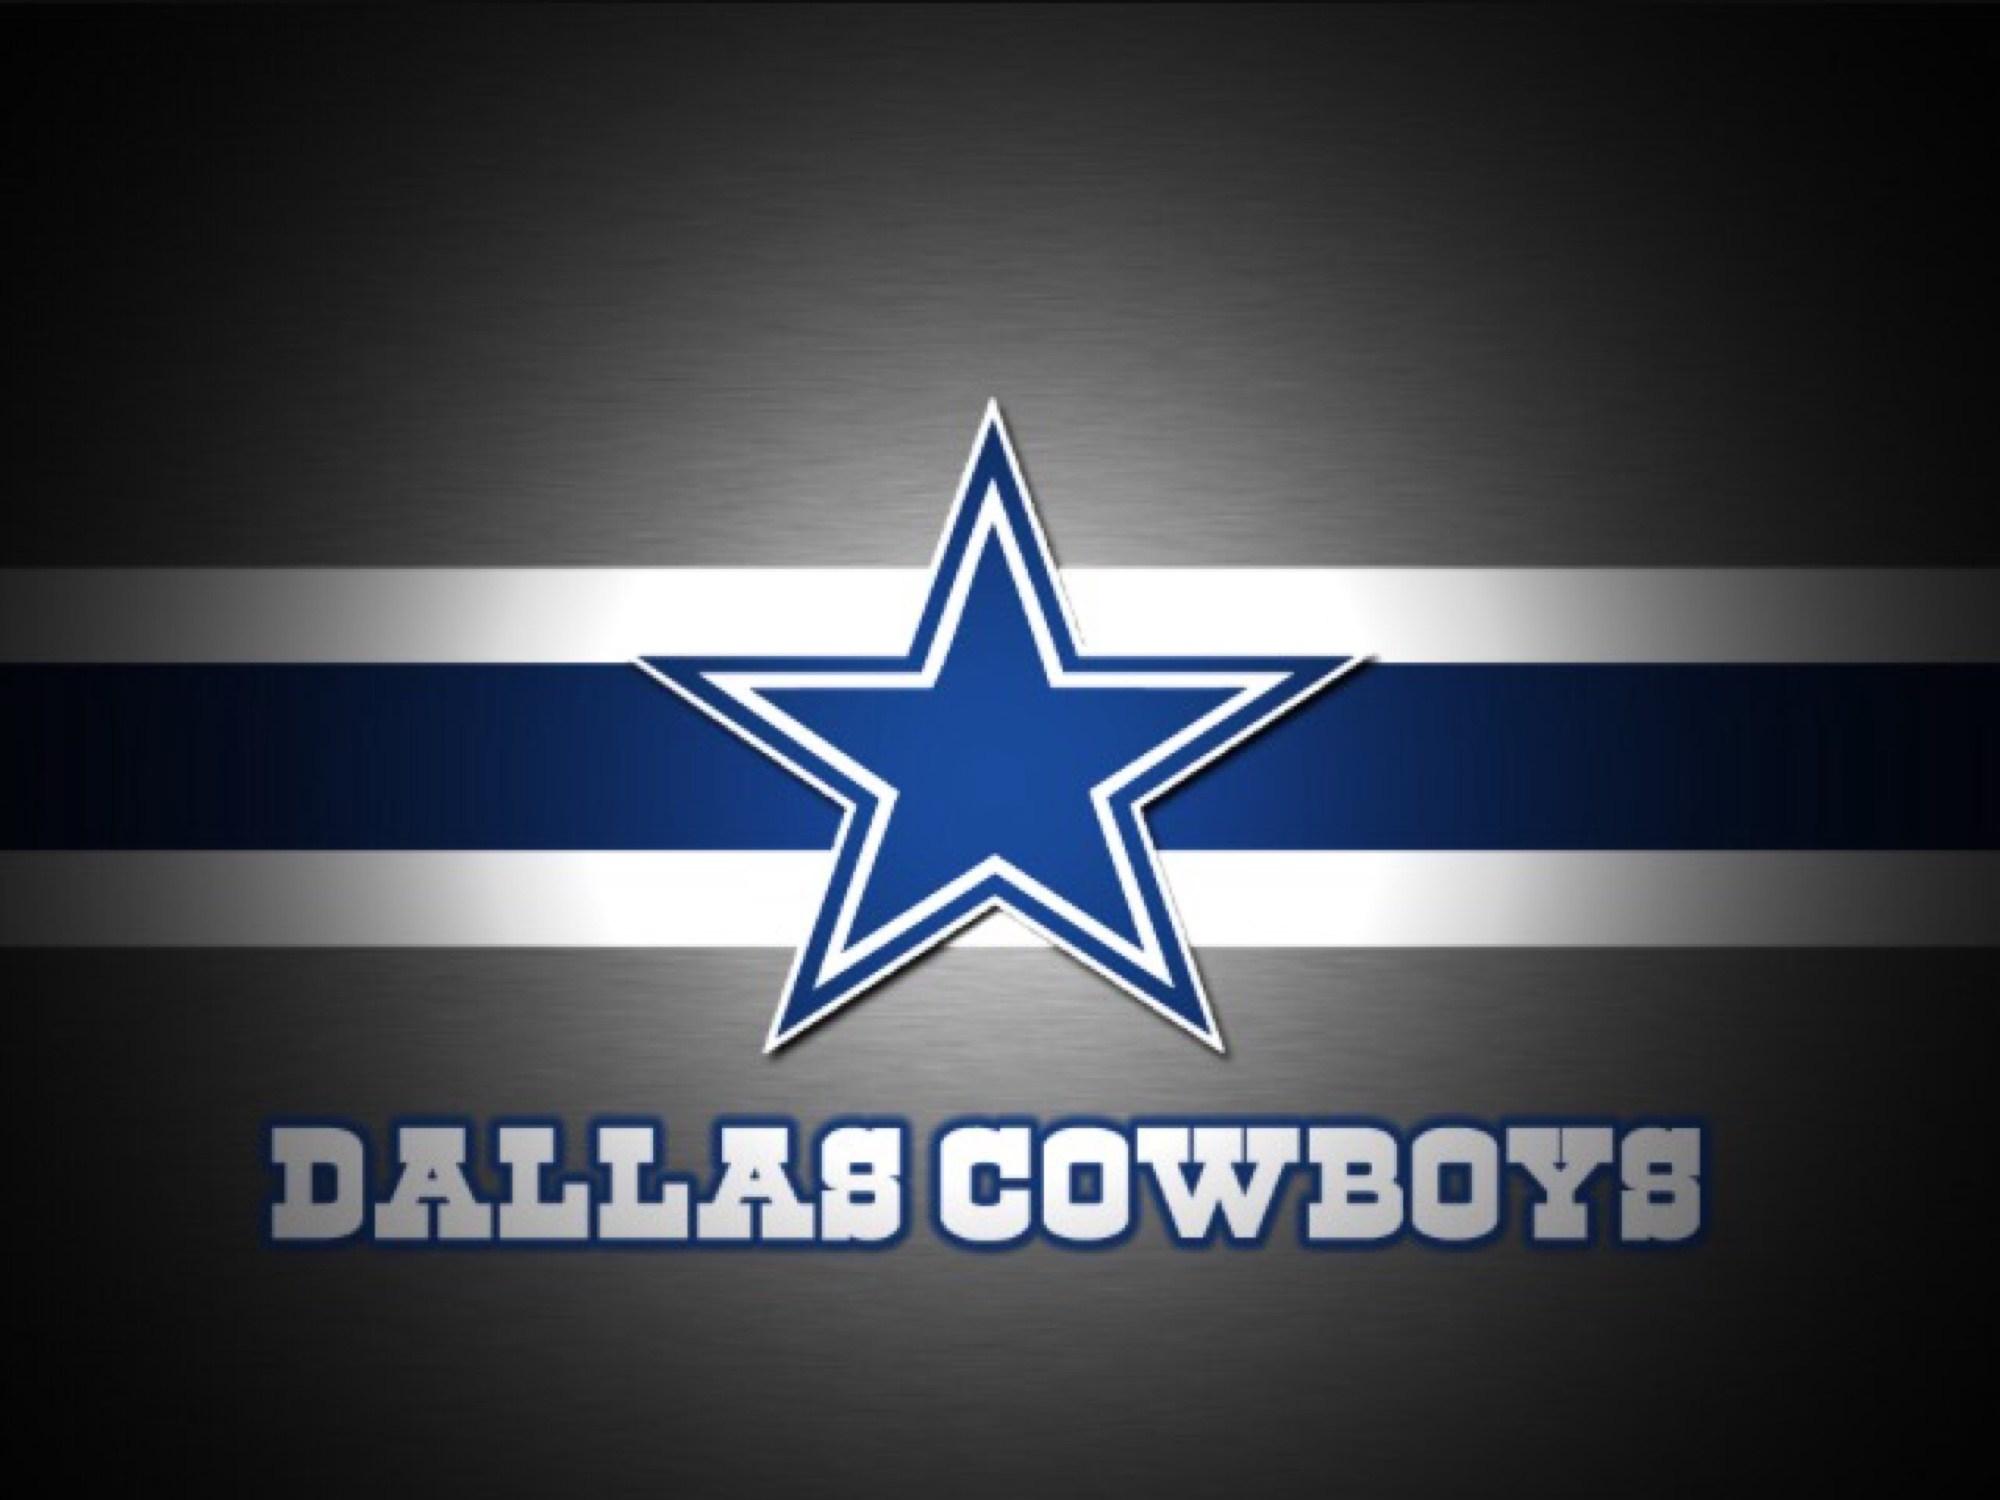 Dallas Cowboys Desktop Wallpaper - KoLPaPer - Awesome Free ...